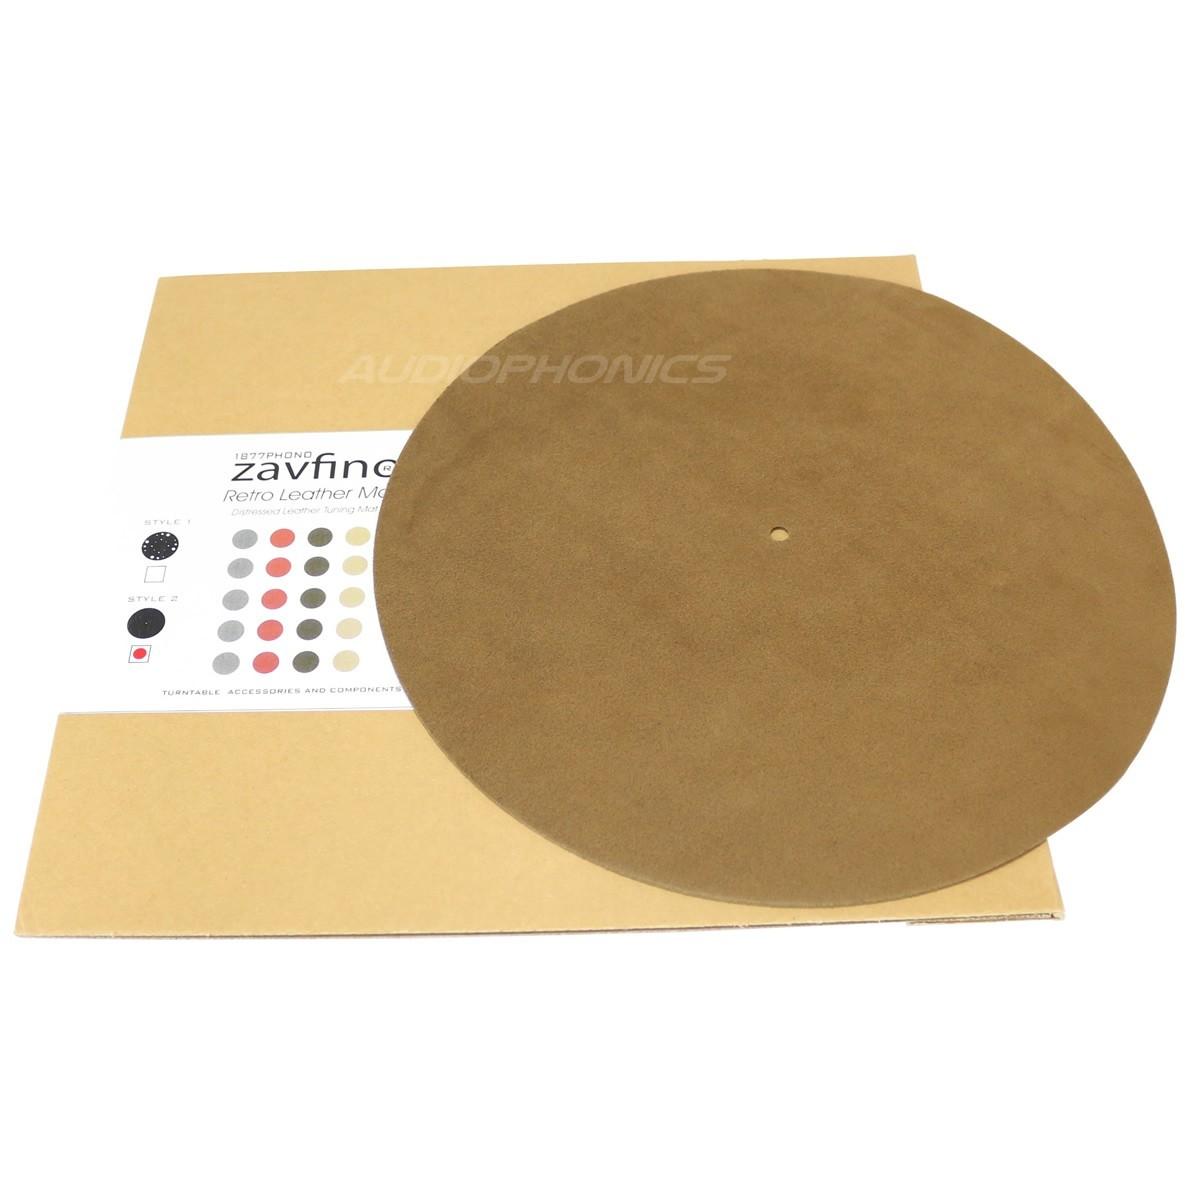 1877PHONO Retro Leather ST2 Couvre plateau Cuir véritable pour platine vinyle Plein